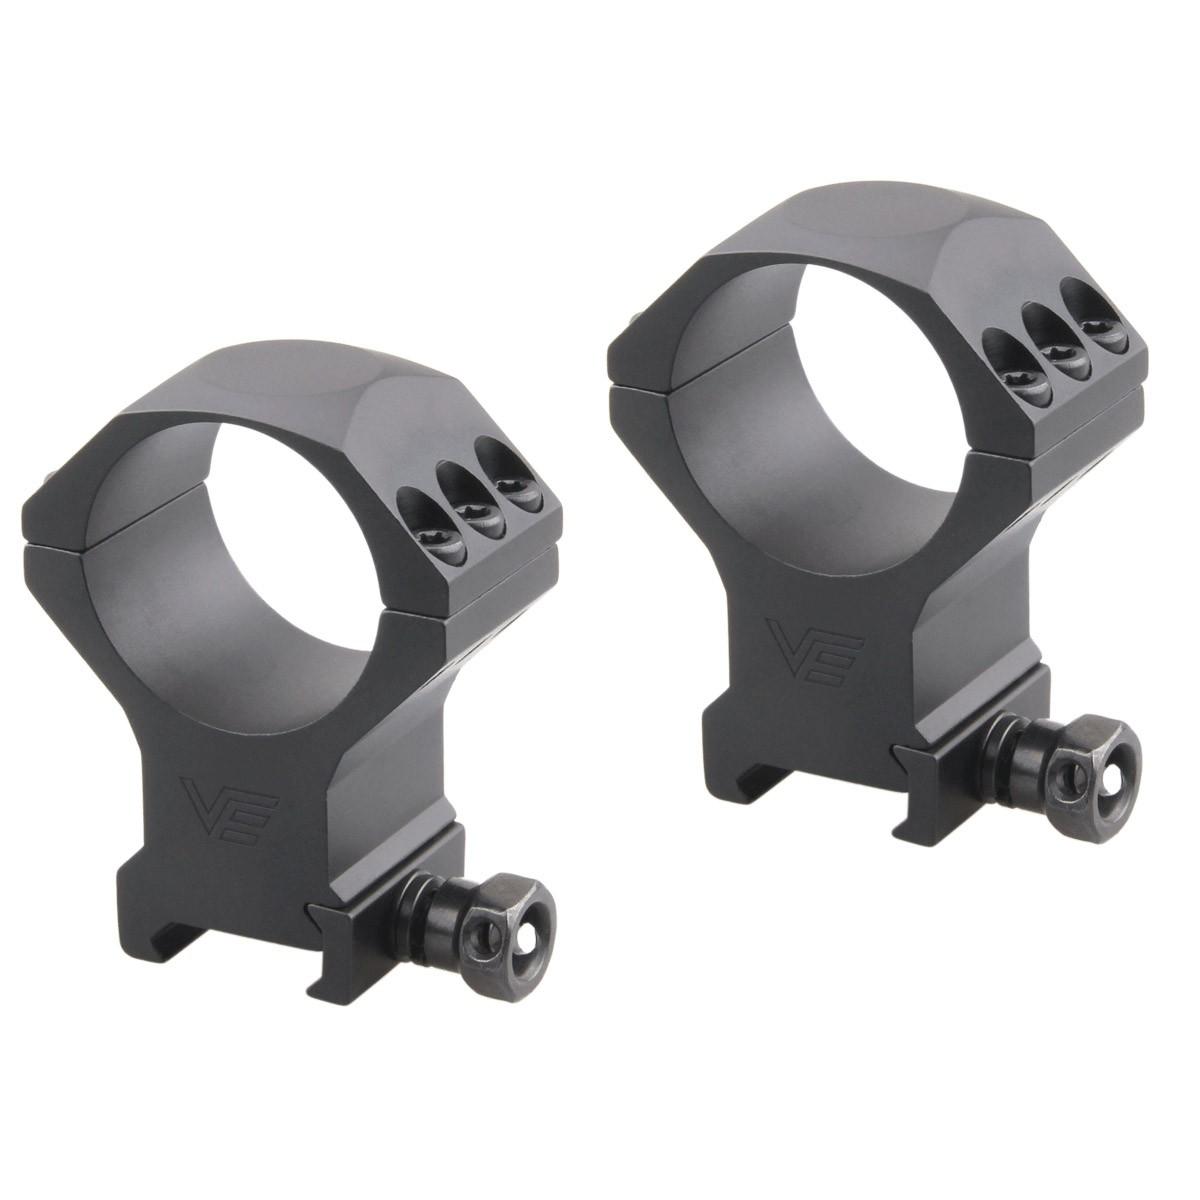 34mm X-ACCU Scope Ring High